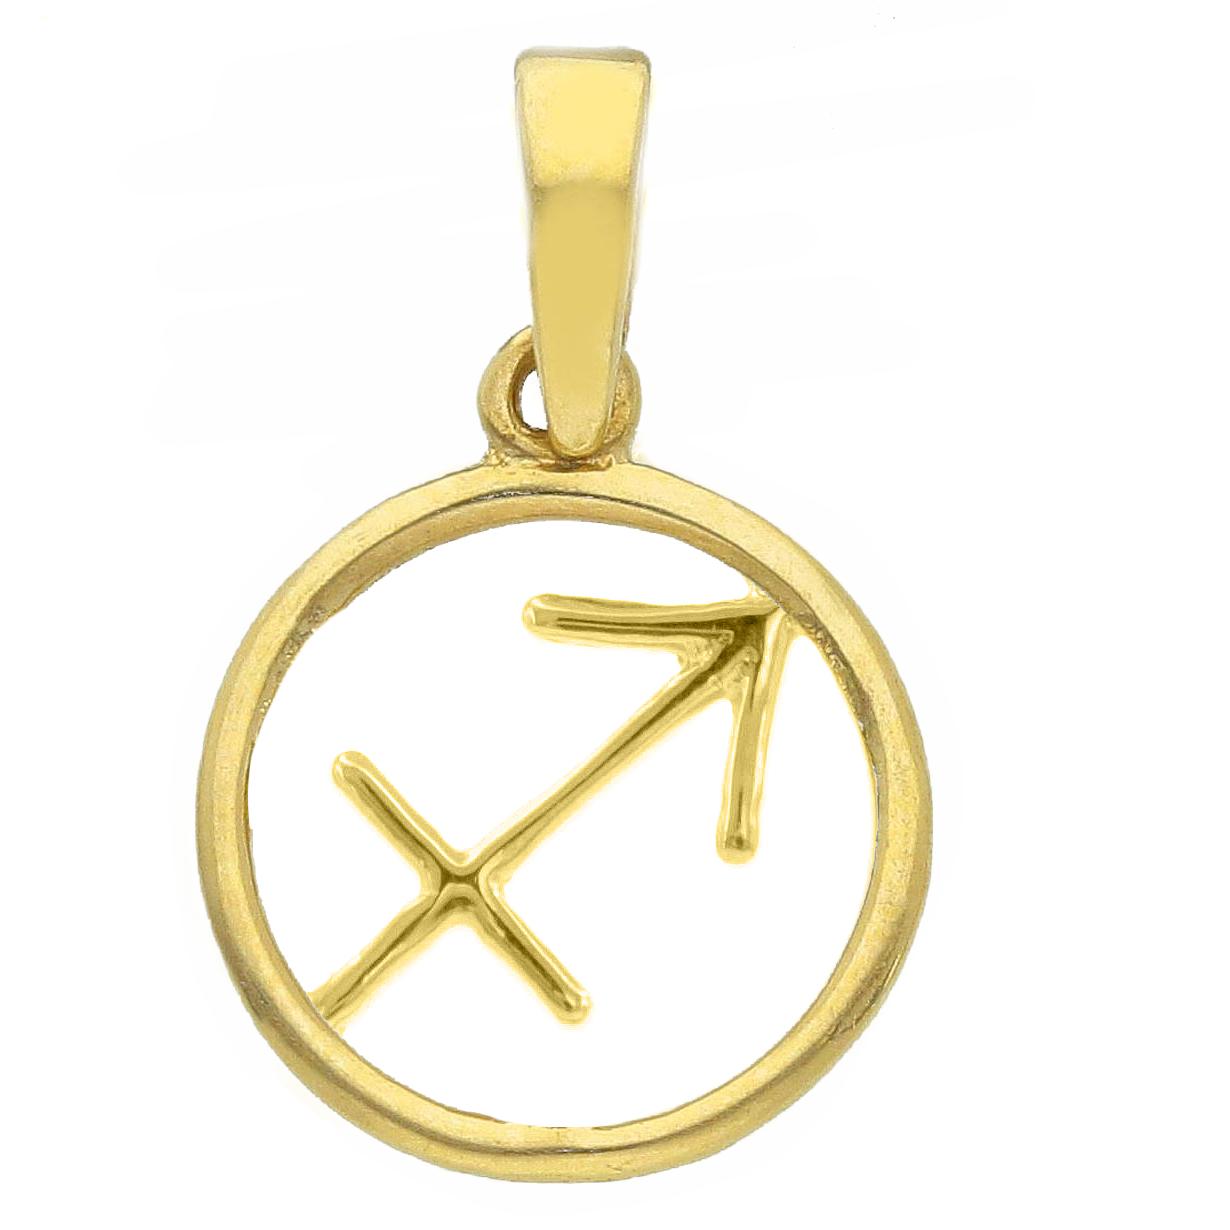 Ciondolo segno zodiacale Sagittario in oro giallo stilizzato